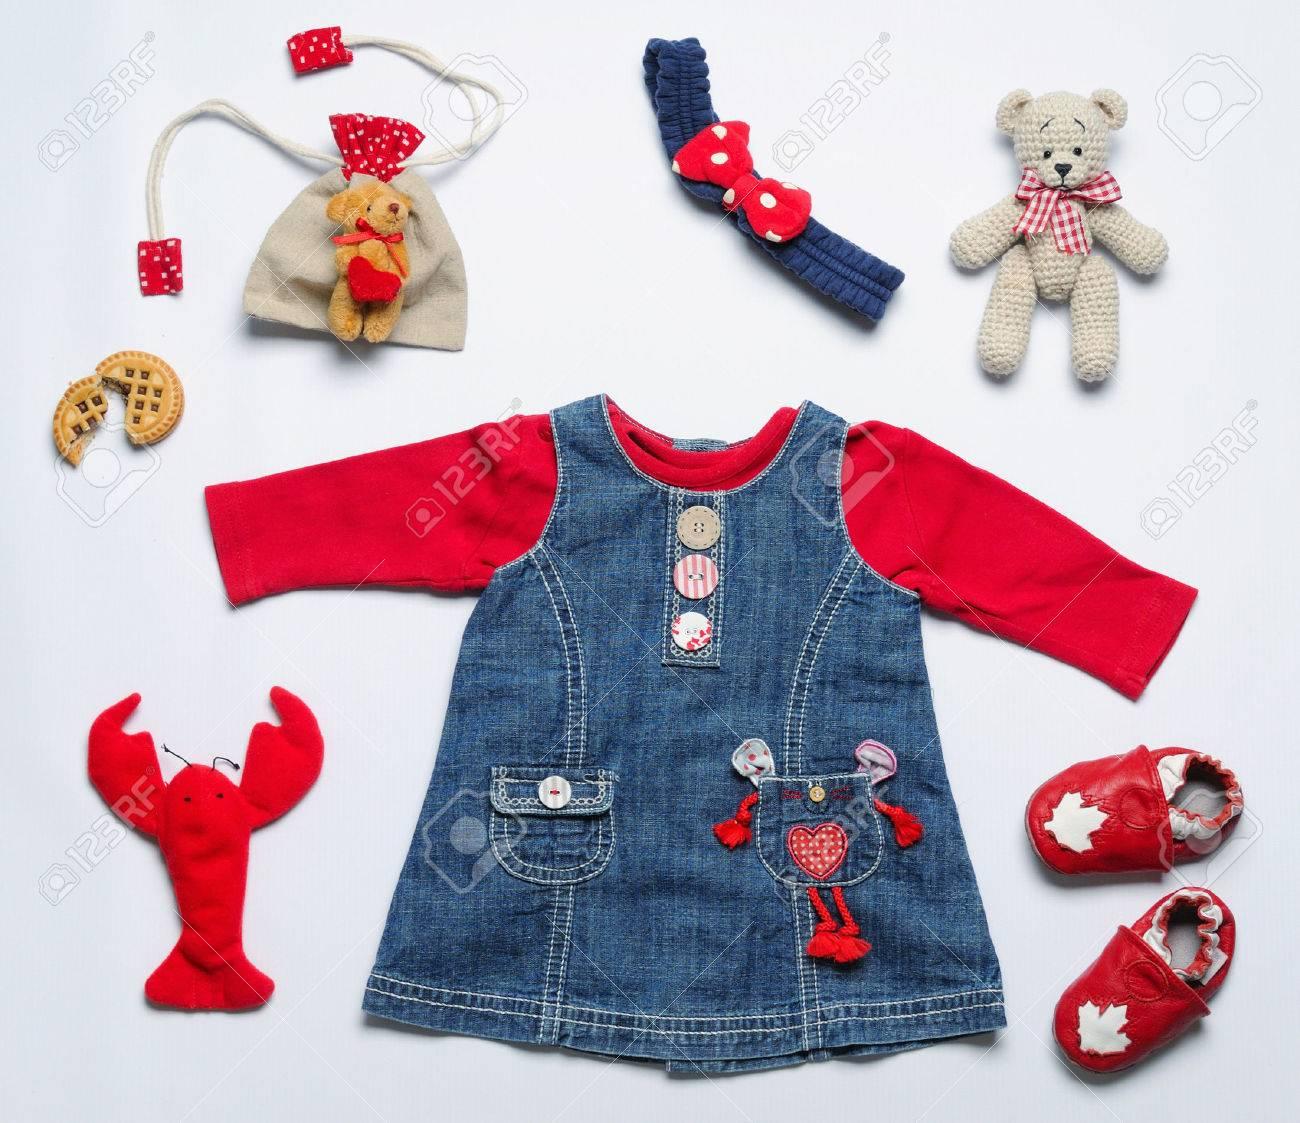 a45b84914cc13 Banque d'images - Vue de dessus la mode look branché de vêtements bébé fille  et jouets trucs, concept de mode bébé